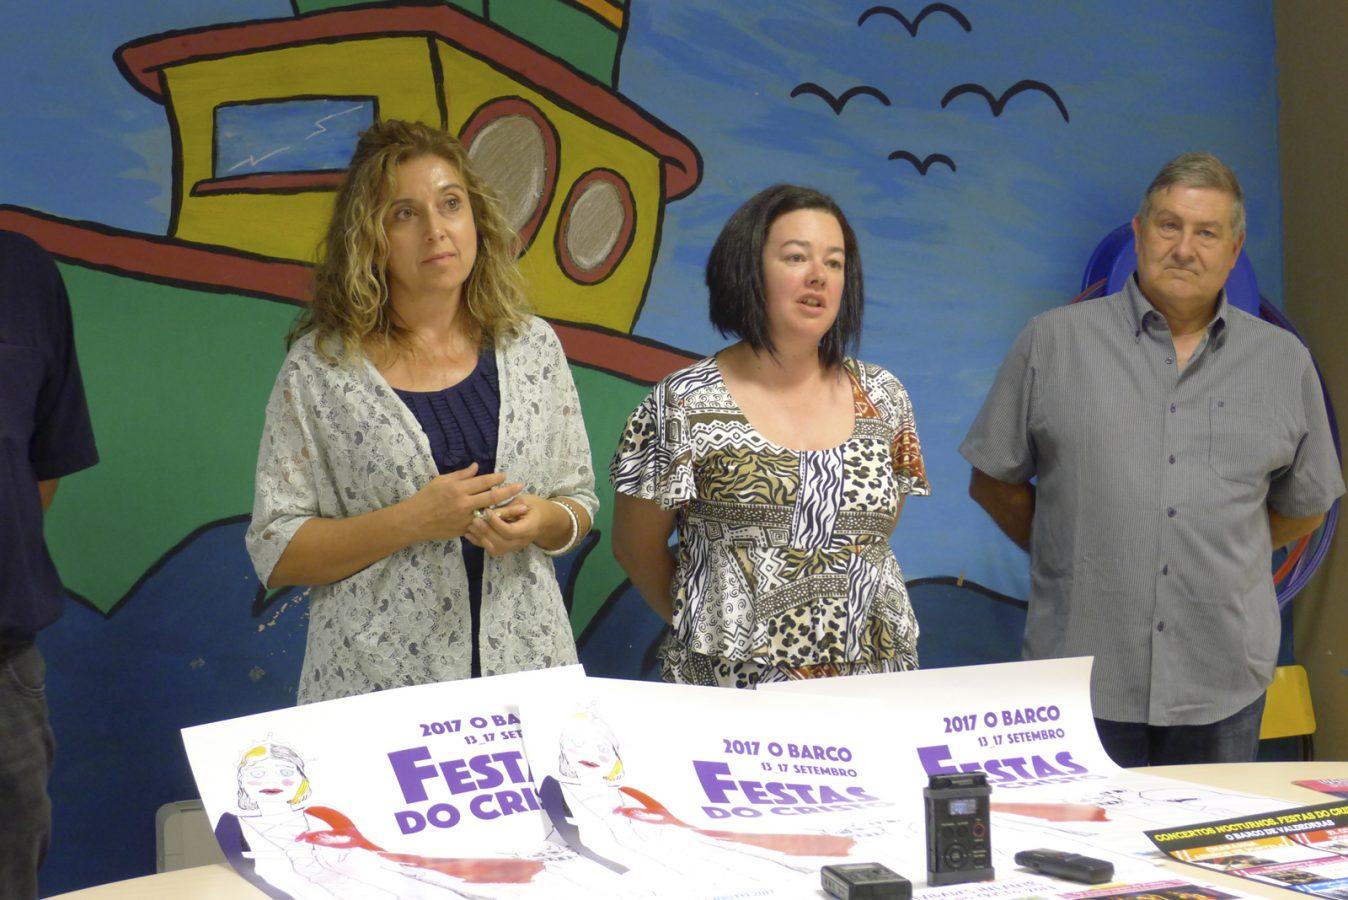 A concelleira de Cultura do Barco, Margarida Pizcueta, xunto a dous membros da comisión. /Foto: Mónica G. Bellver.